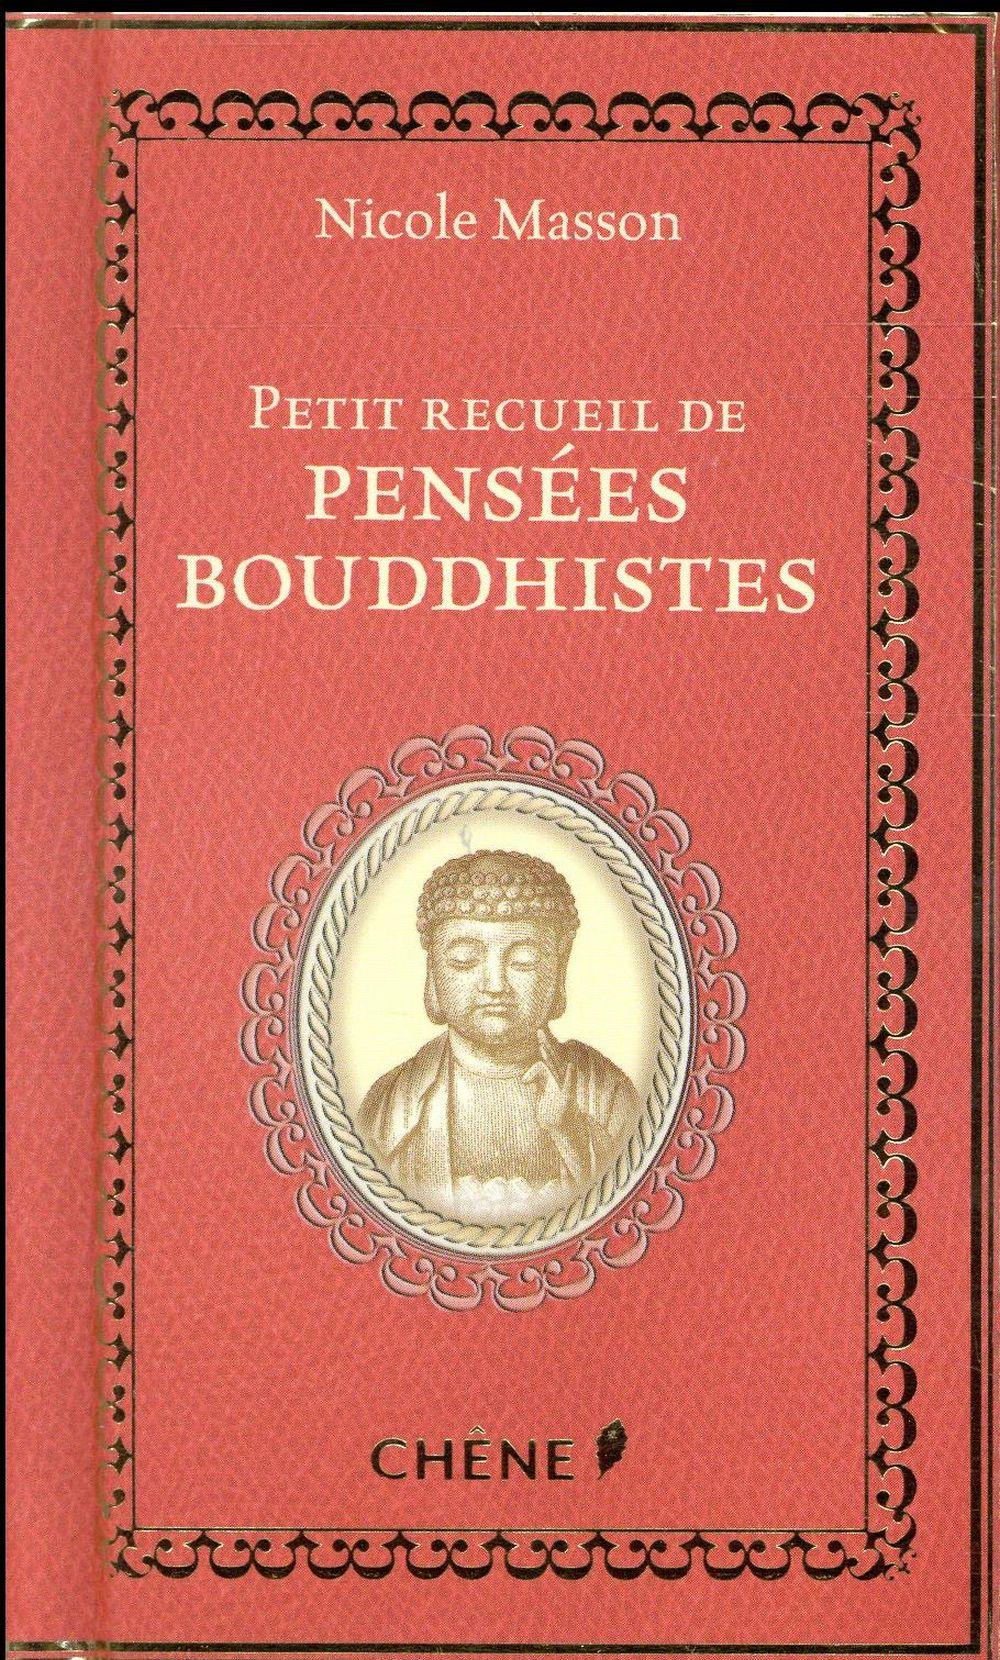 PETIT RECUEIL DE PENSEES BOUDDHISTES  Chêne